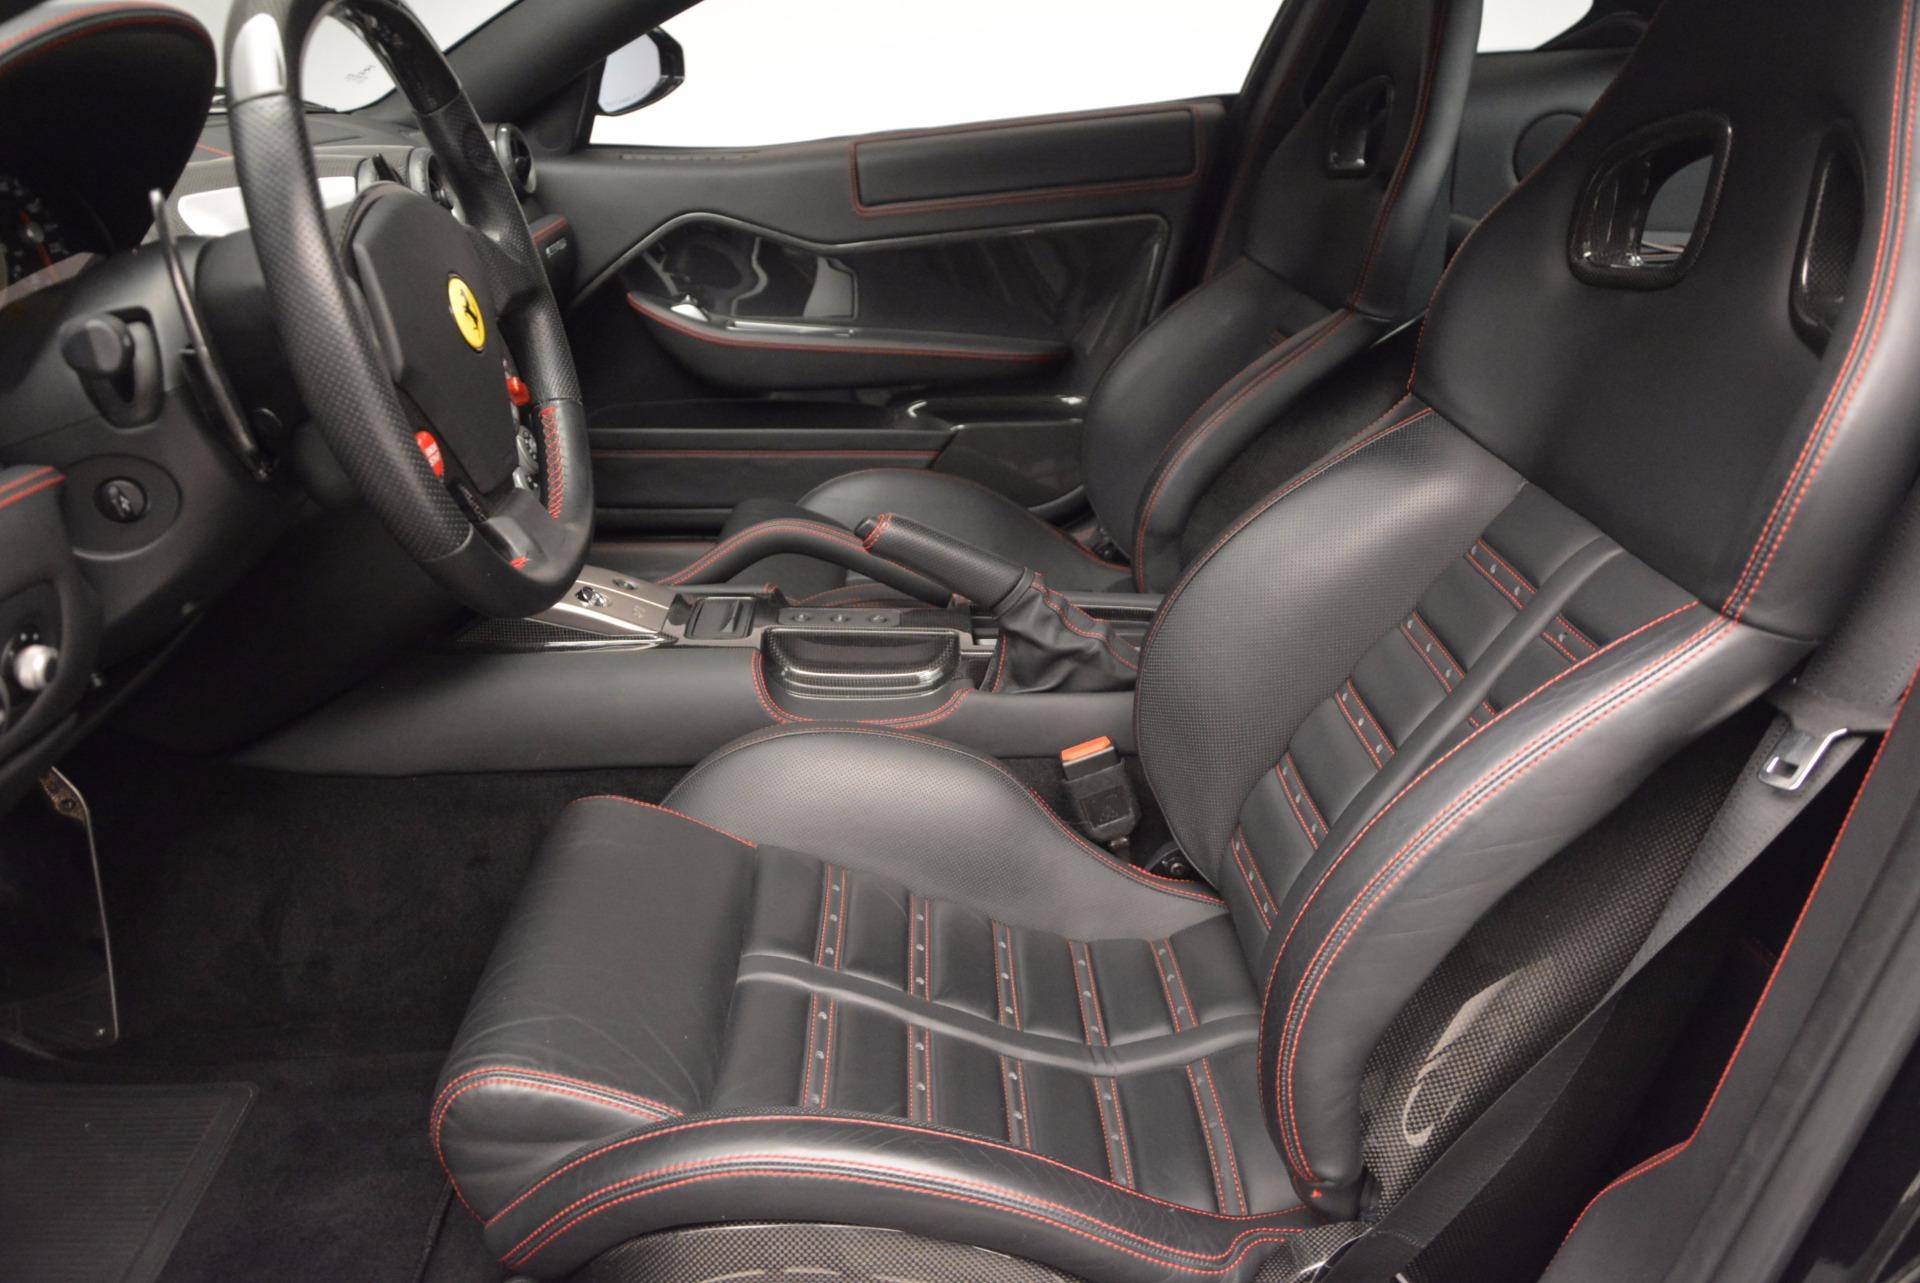 Used 2008 Ferrari 599 GTB Fiorano  For Sale In Greenwich, CT. Alfa Romeo of Greenwich, 4351 700_p14